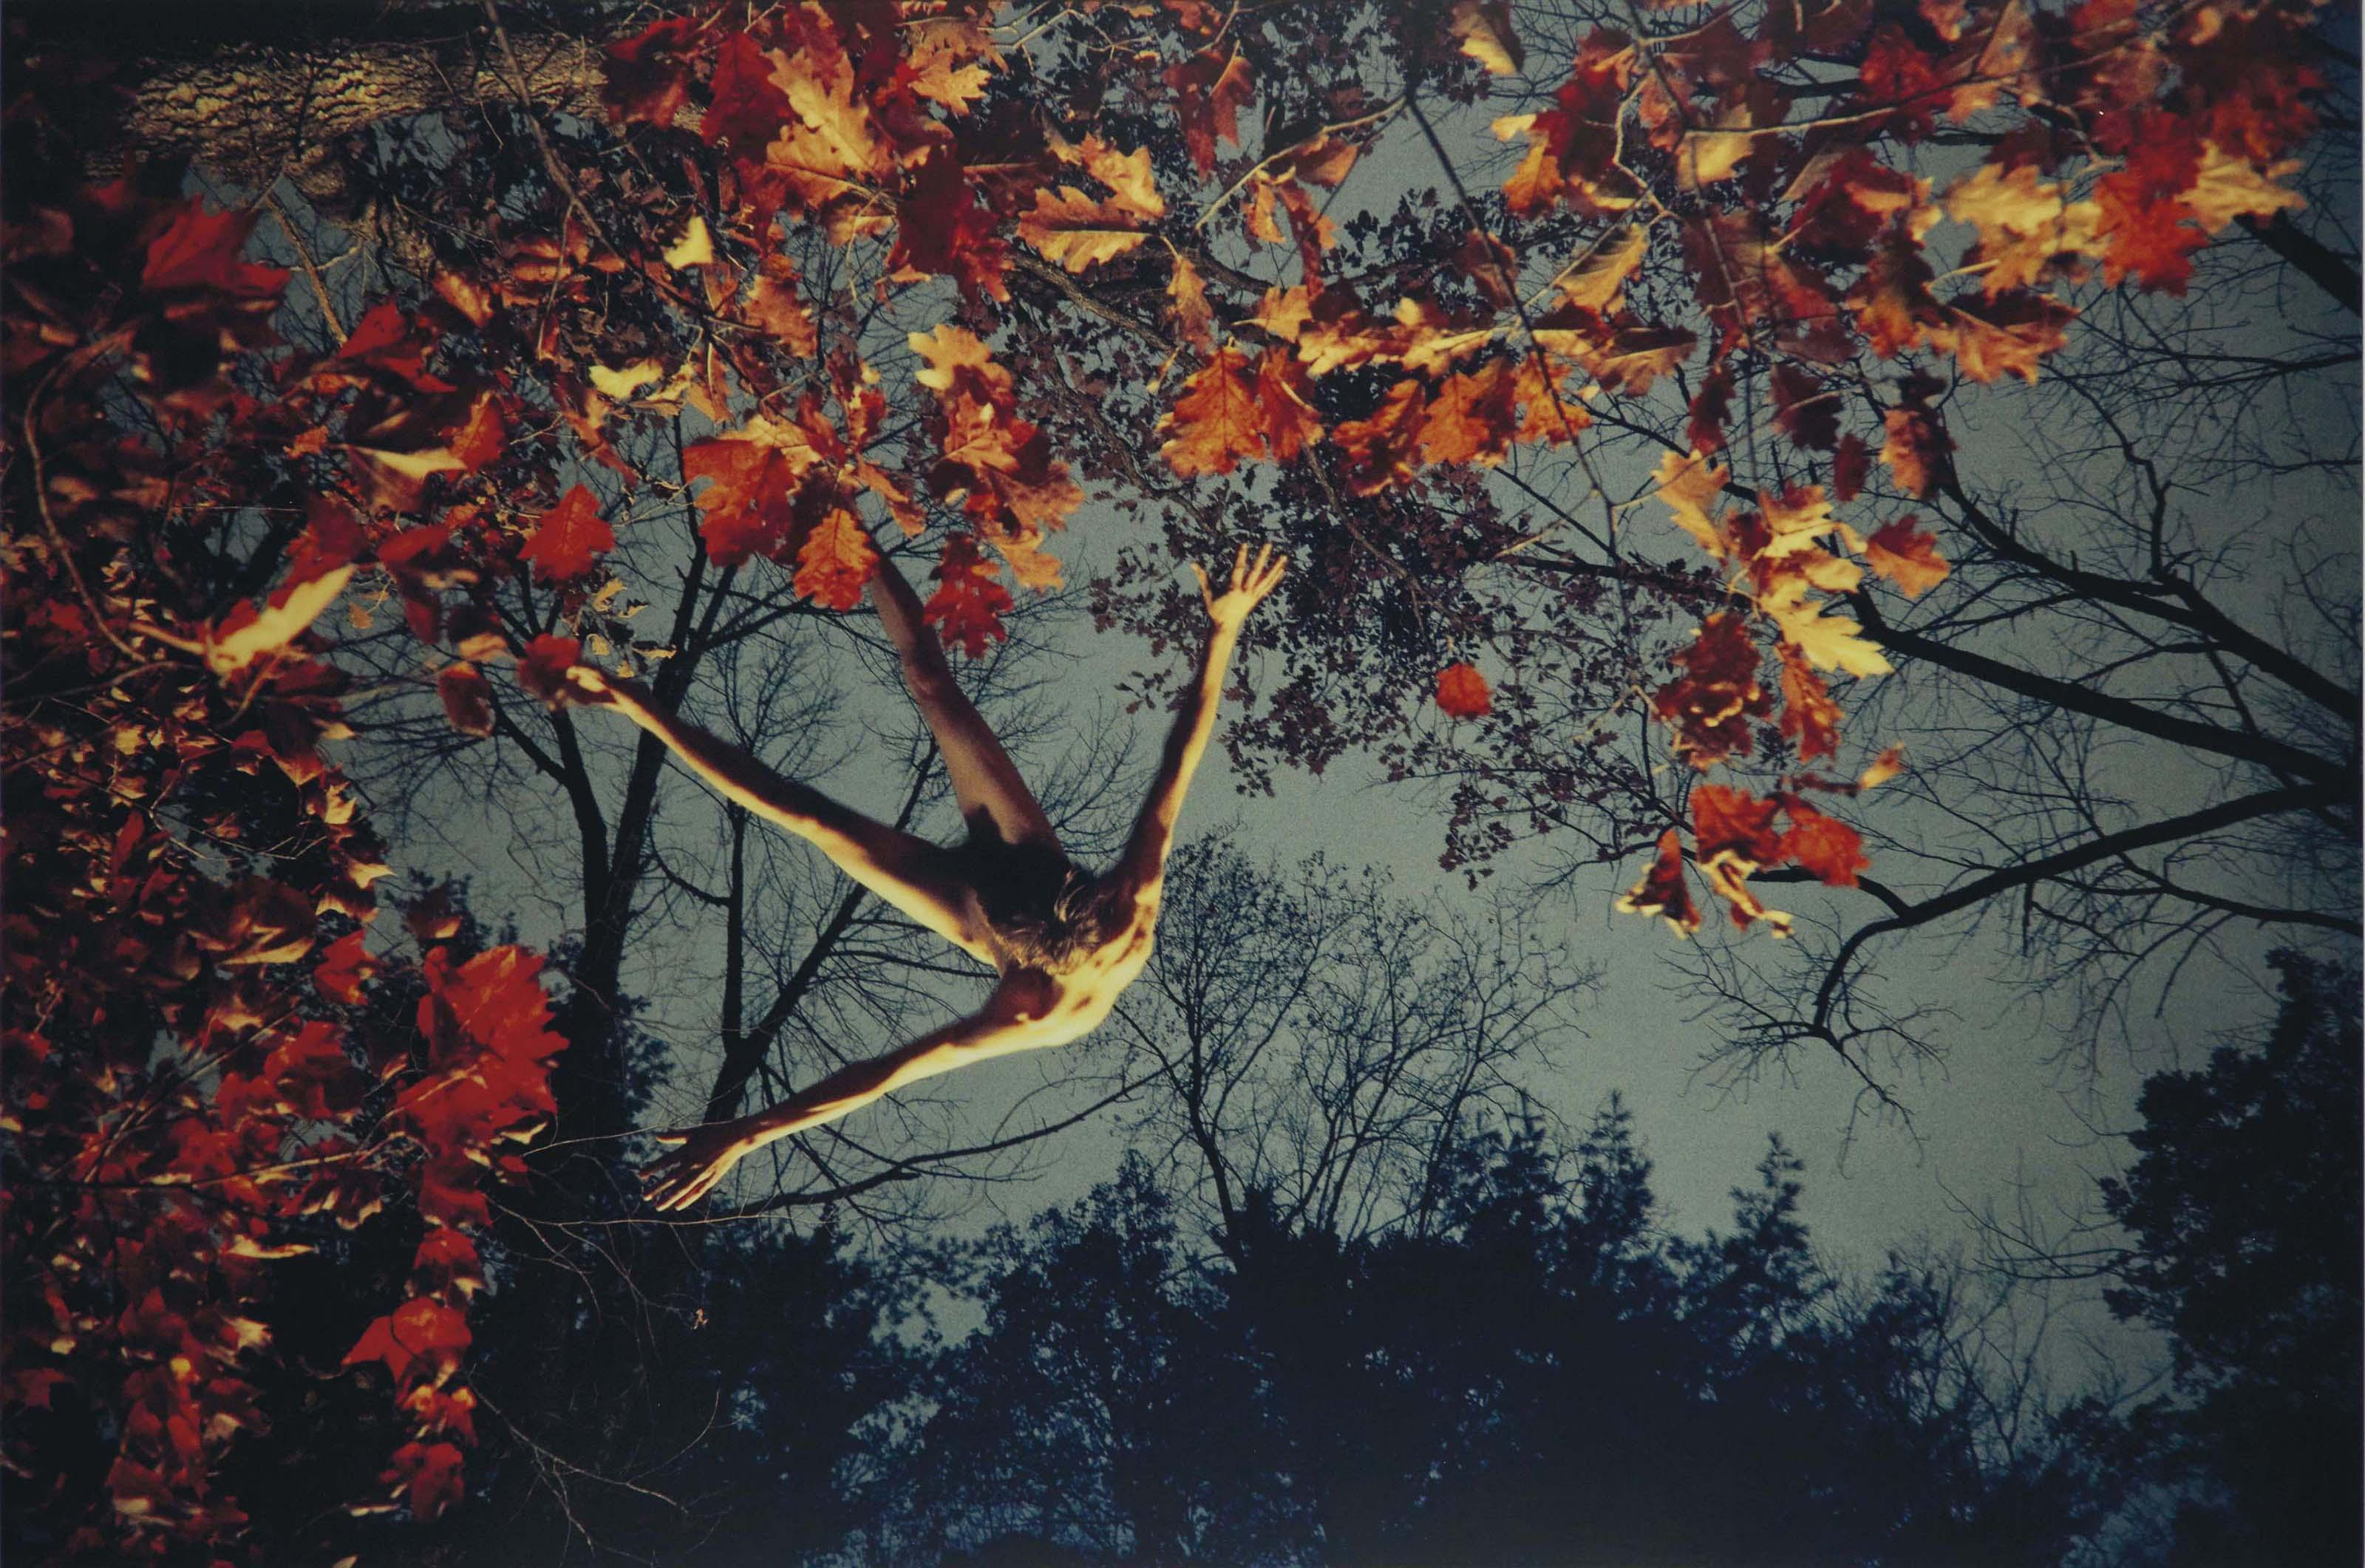 Jake (Fall Foliage), 2011